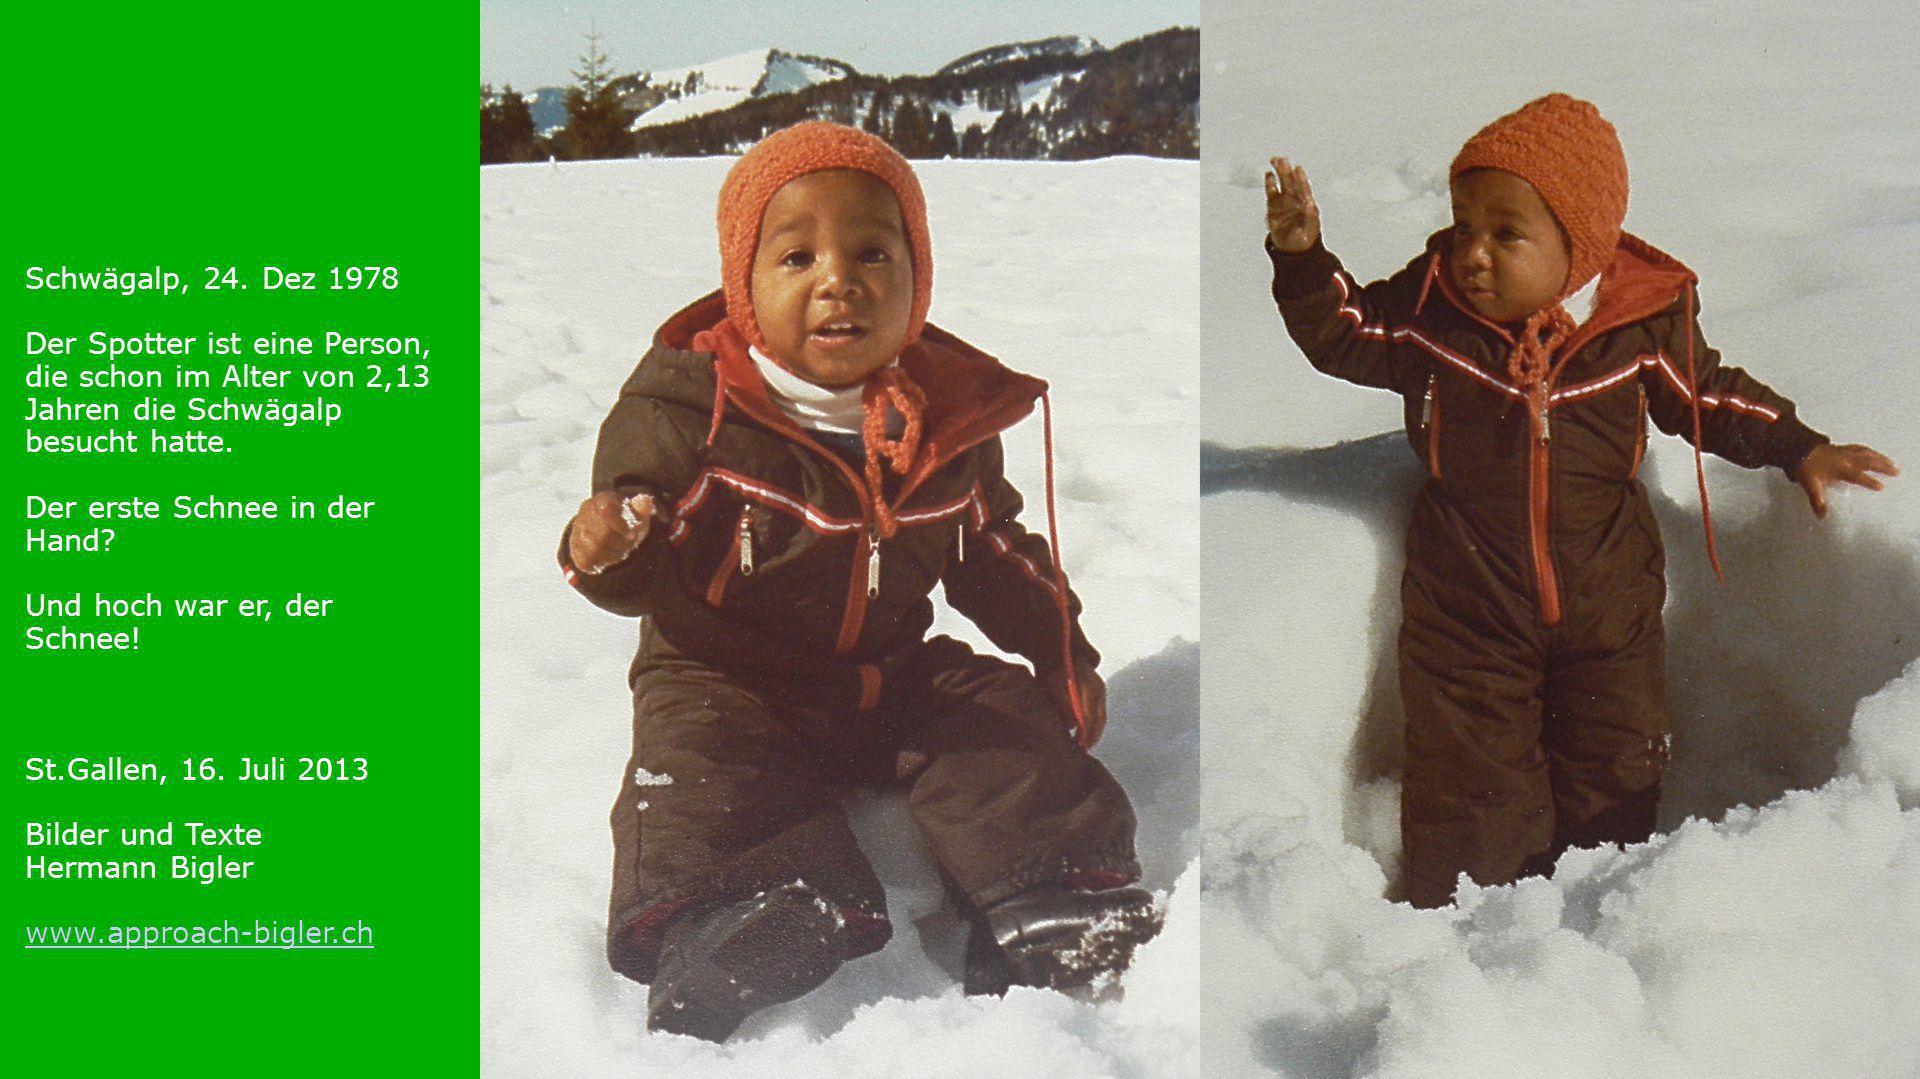 Schwägalp, 24. Dez 1978 Der Spotter ist eine Person, die schon im Alter von 2,13 Jahren die Schwägalp besucht hatte. Der erste Schnee in der Hand? Und